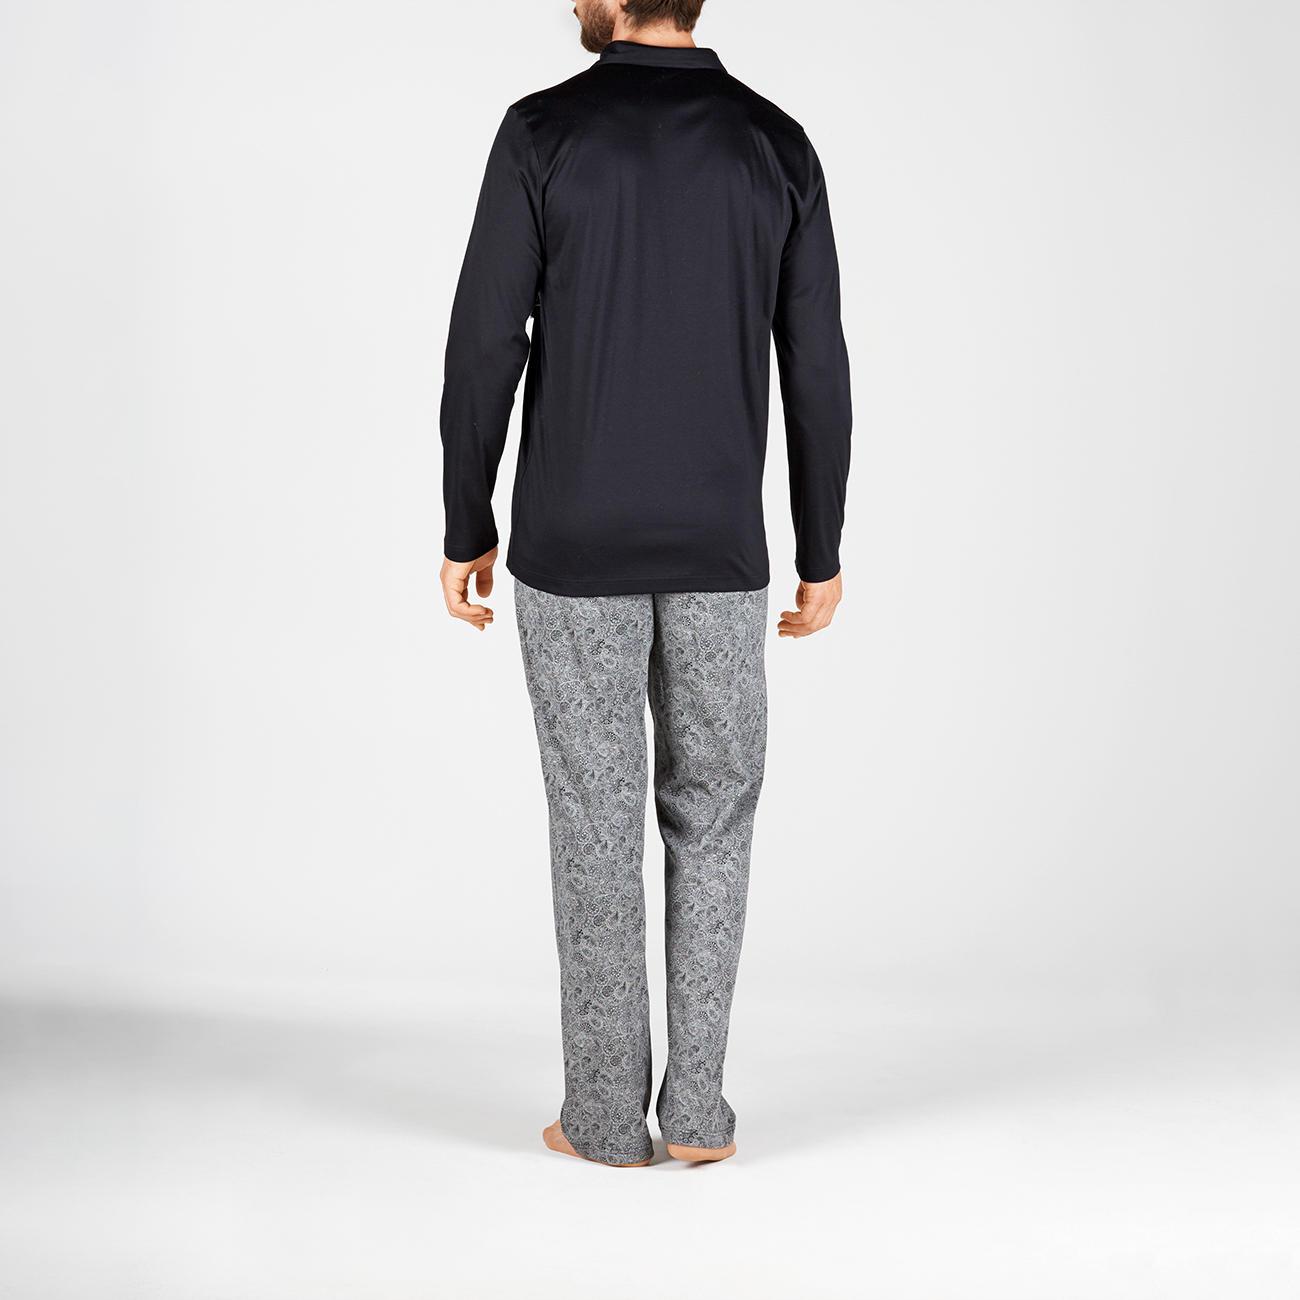 9c1aa77dfc Novila Gentlemen s Pyjamas - The perfect gentlemen s pyjamas. Comfortable.  Airy. Fine. From Novila.